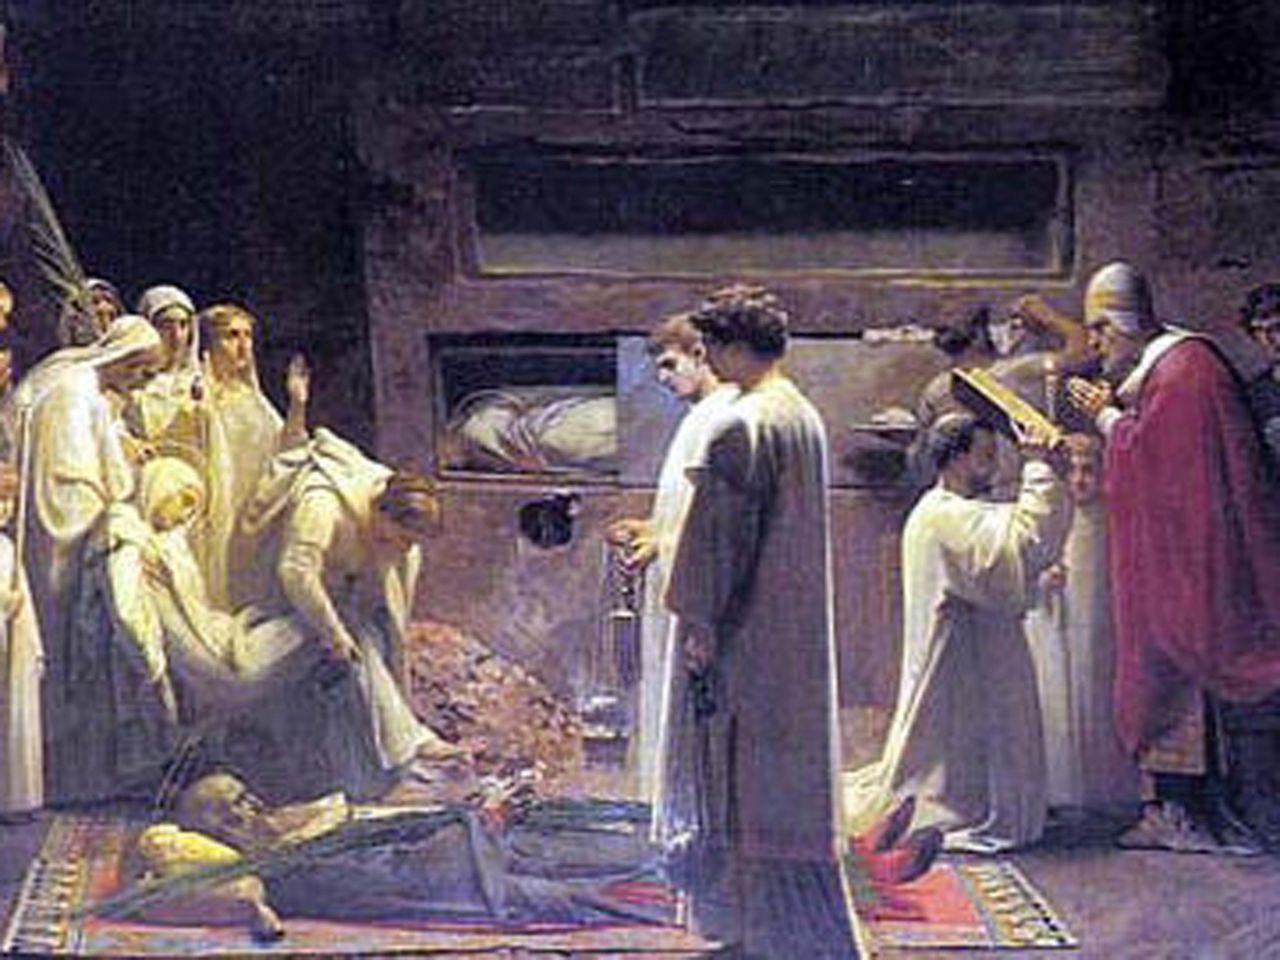 Gesù che ci ha reso degni, di poter ospitare Dio nel nostro cuore_Vangelo del giorno.